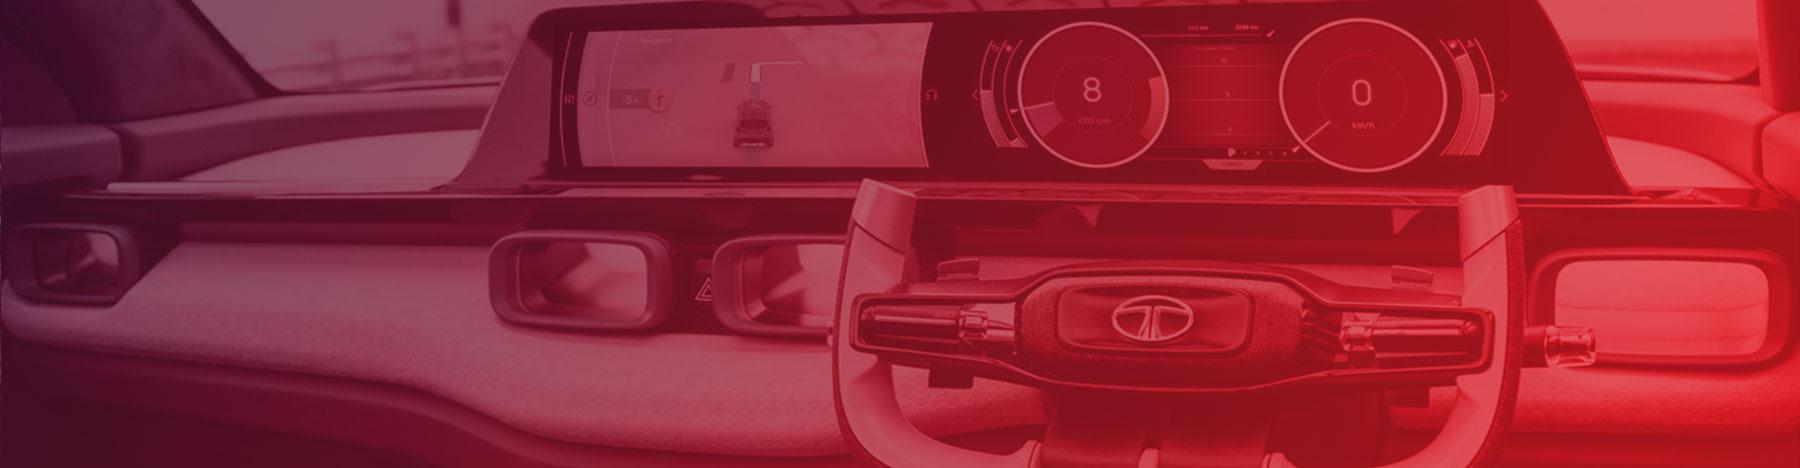 Tata Motors unveils H2X concept car at Geneva Motor Show